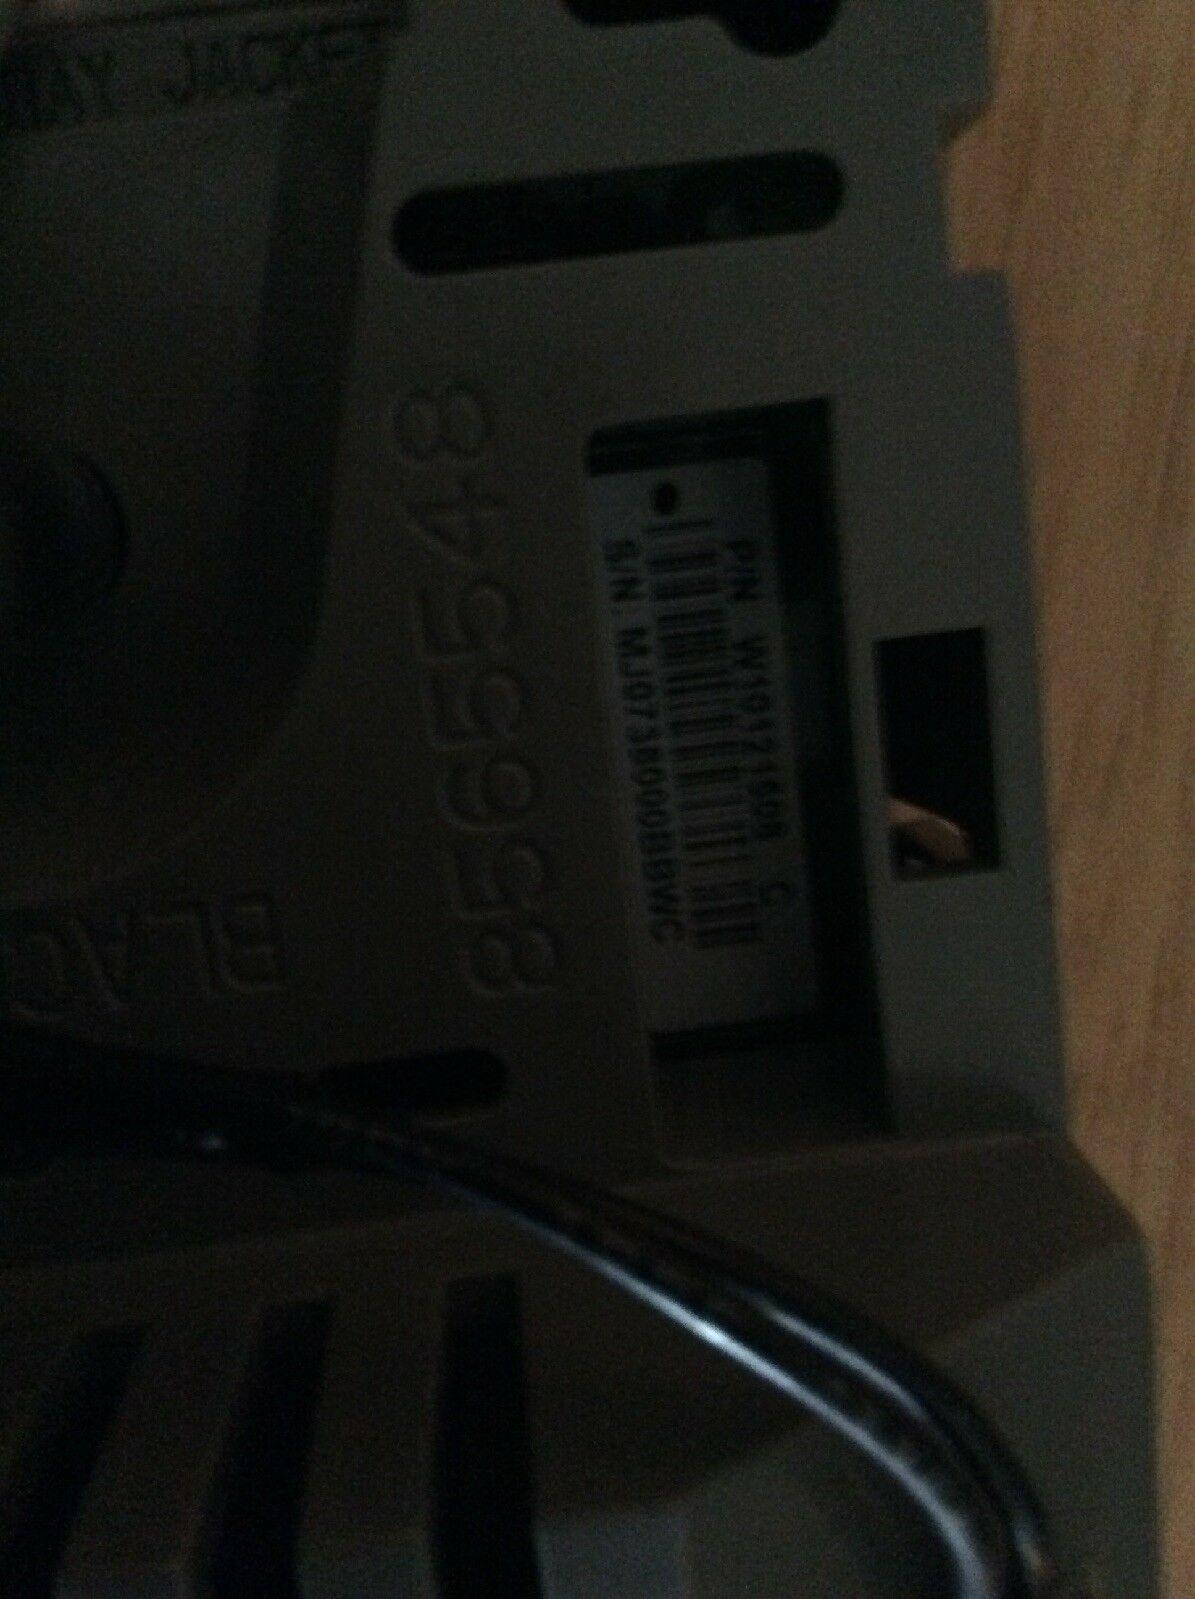 Electronic control board W10121508